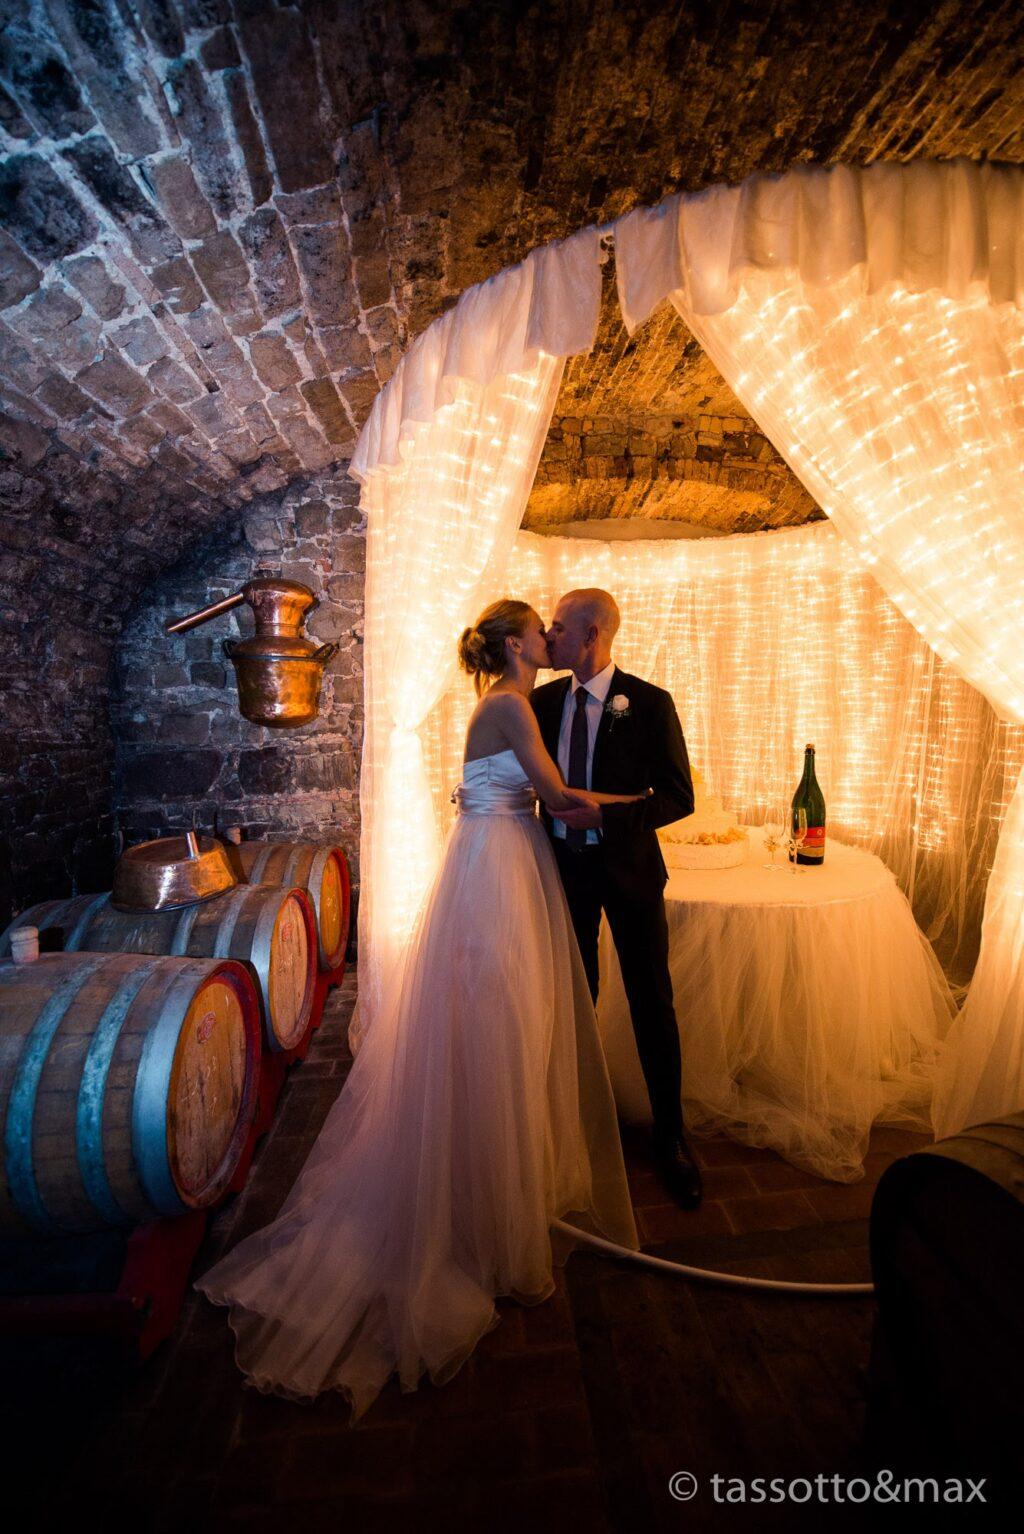 Hochzeitspaar küsst sich in einem mittelalterlichen Weinkeller, eingerichtet für den Kuchenschnitt